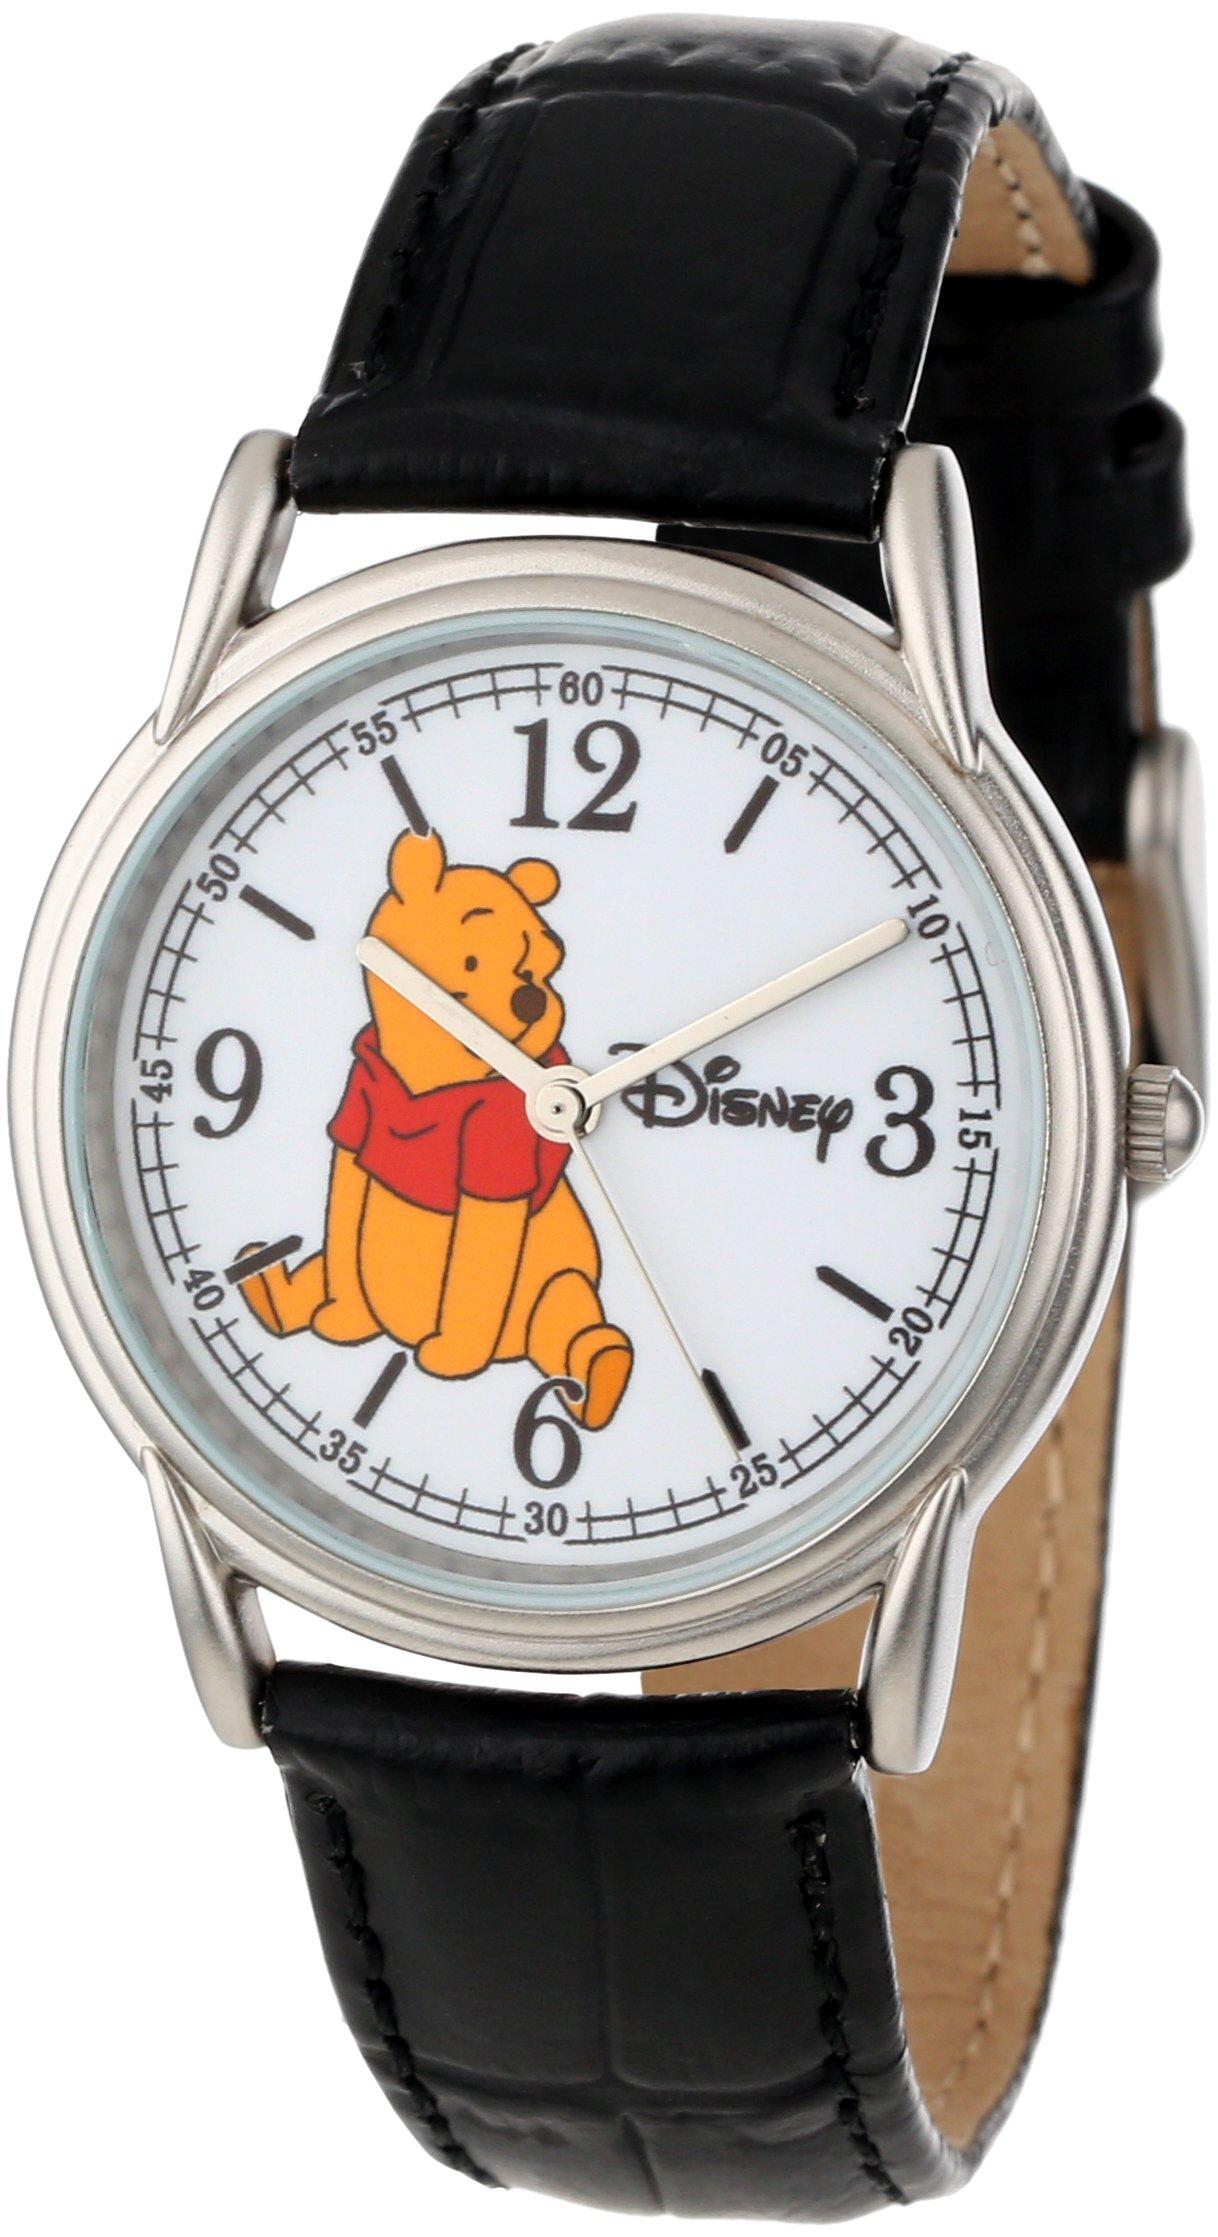 Disney Men's W000539 Winnie The Pooh Cardiff Watch